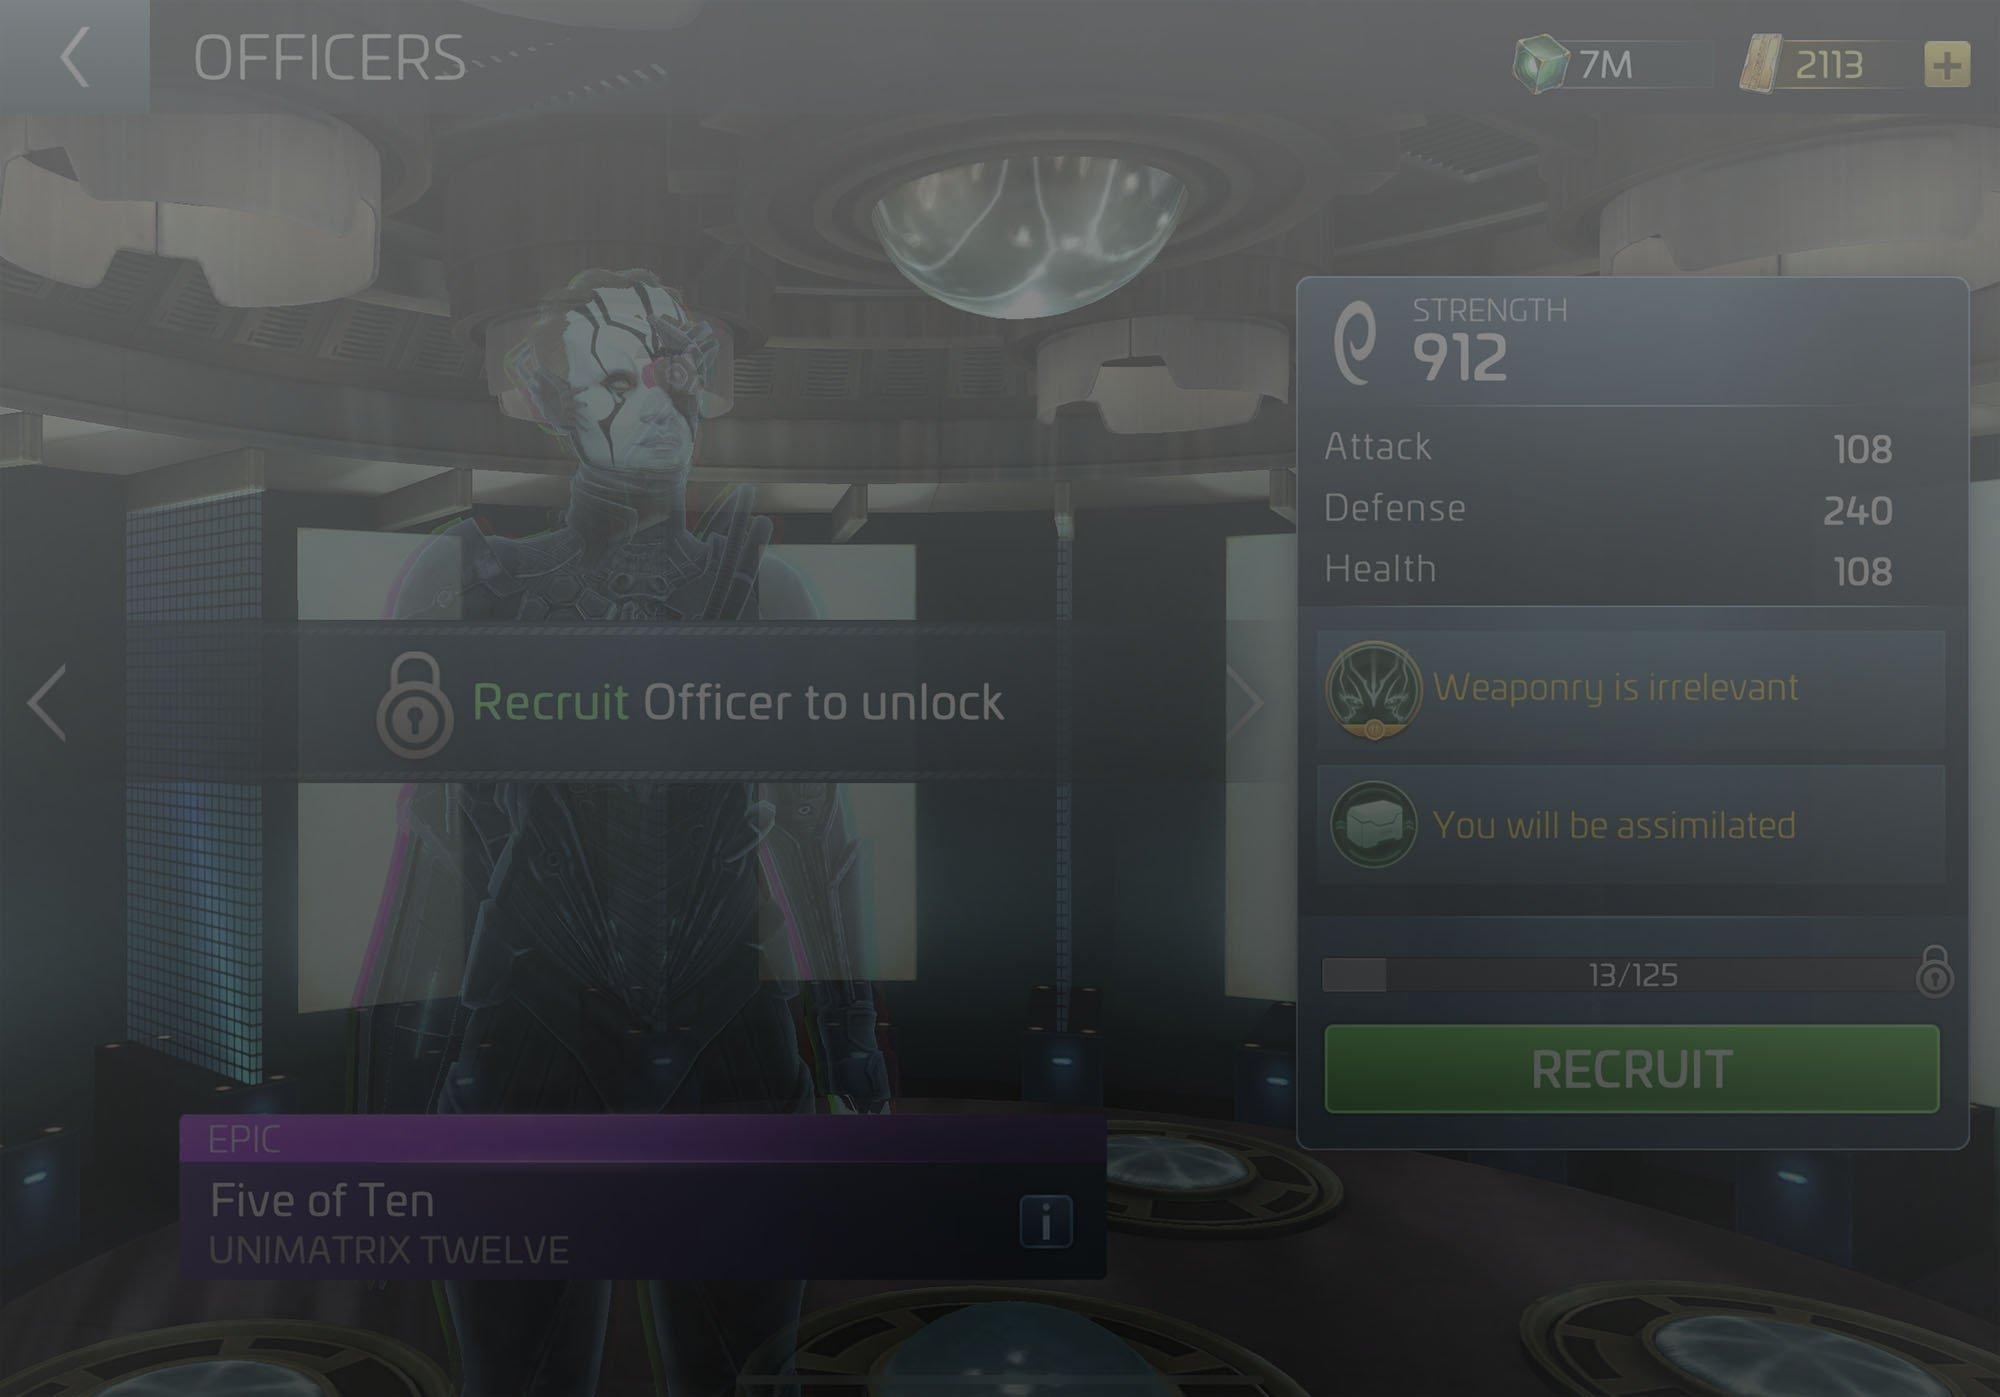 Officer Five of Ten